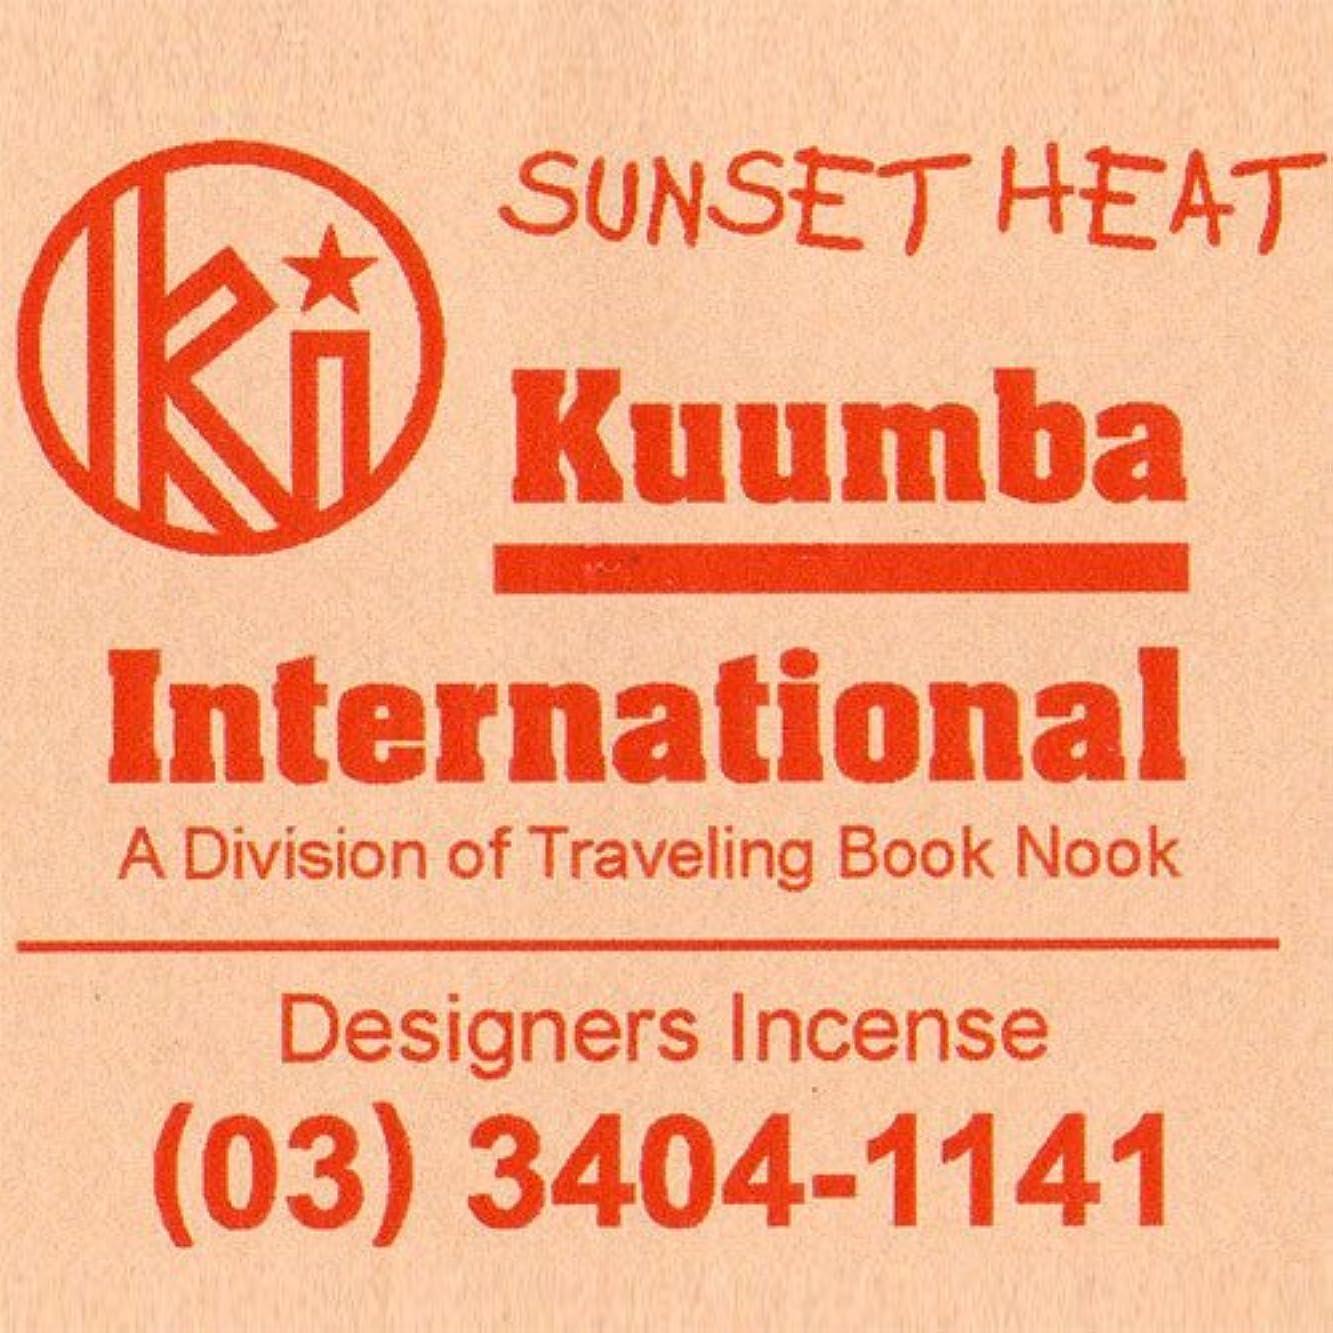 不毛欠陥ニュースKUUMBA / クンバ『incense』(SUNSET HEAT) (Regular size)